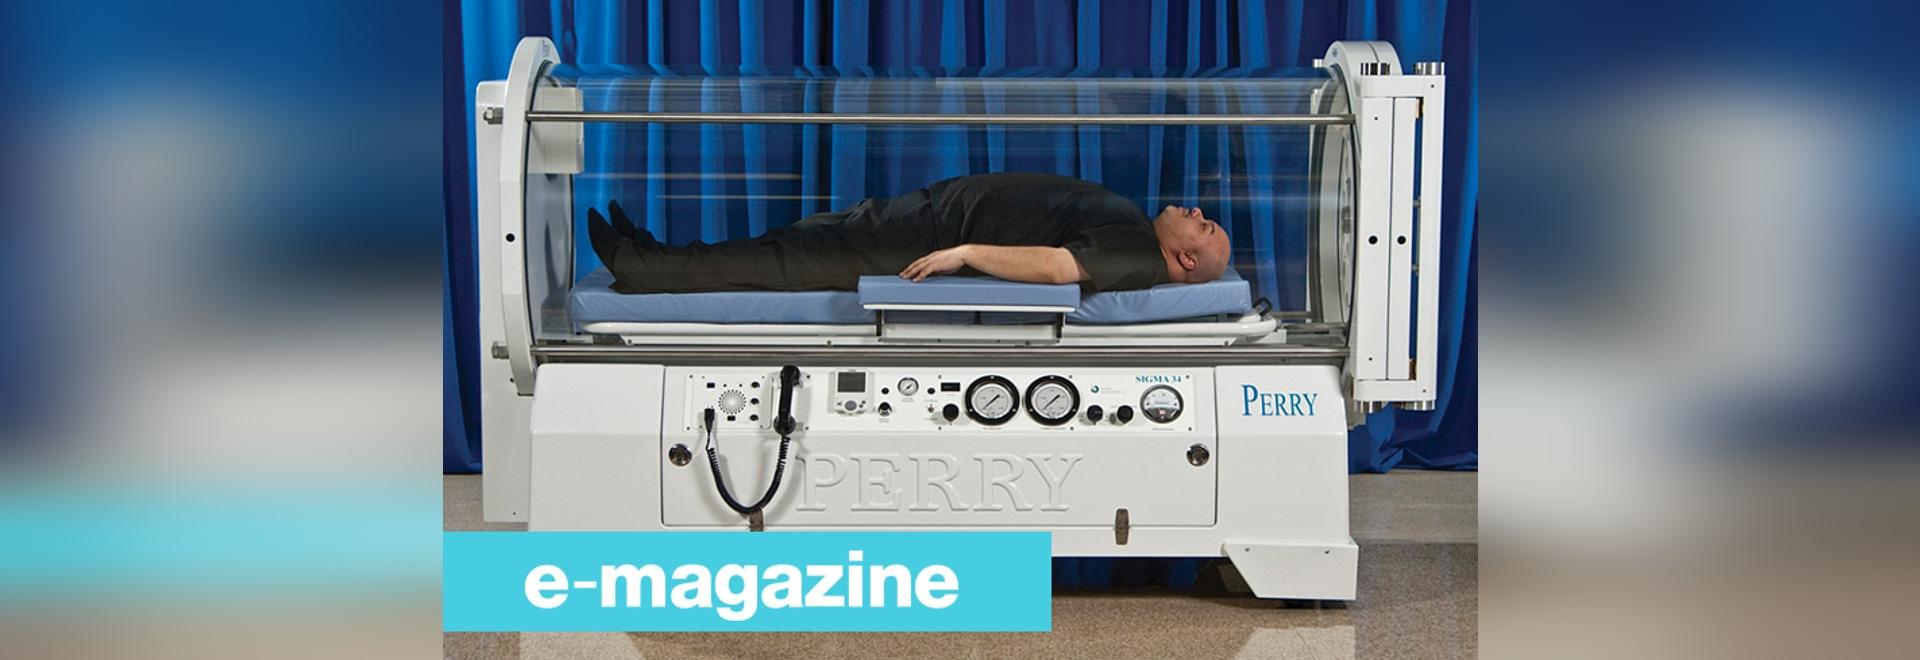 Eine Überdruckkammer für Patienten bis 320 Kilogramm